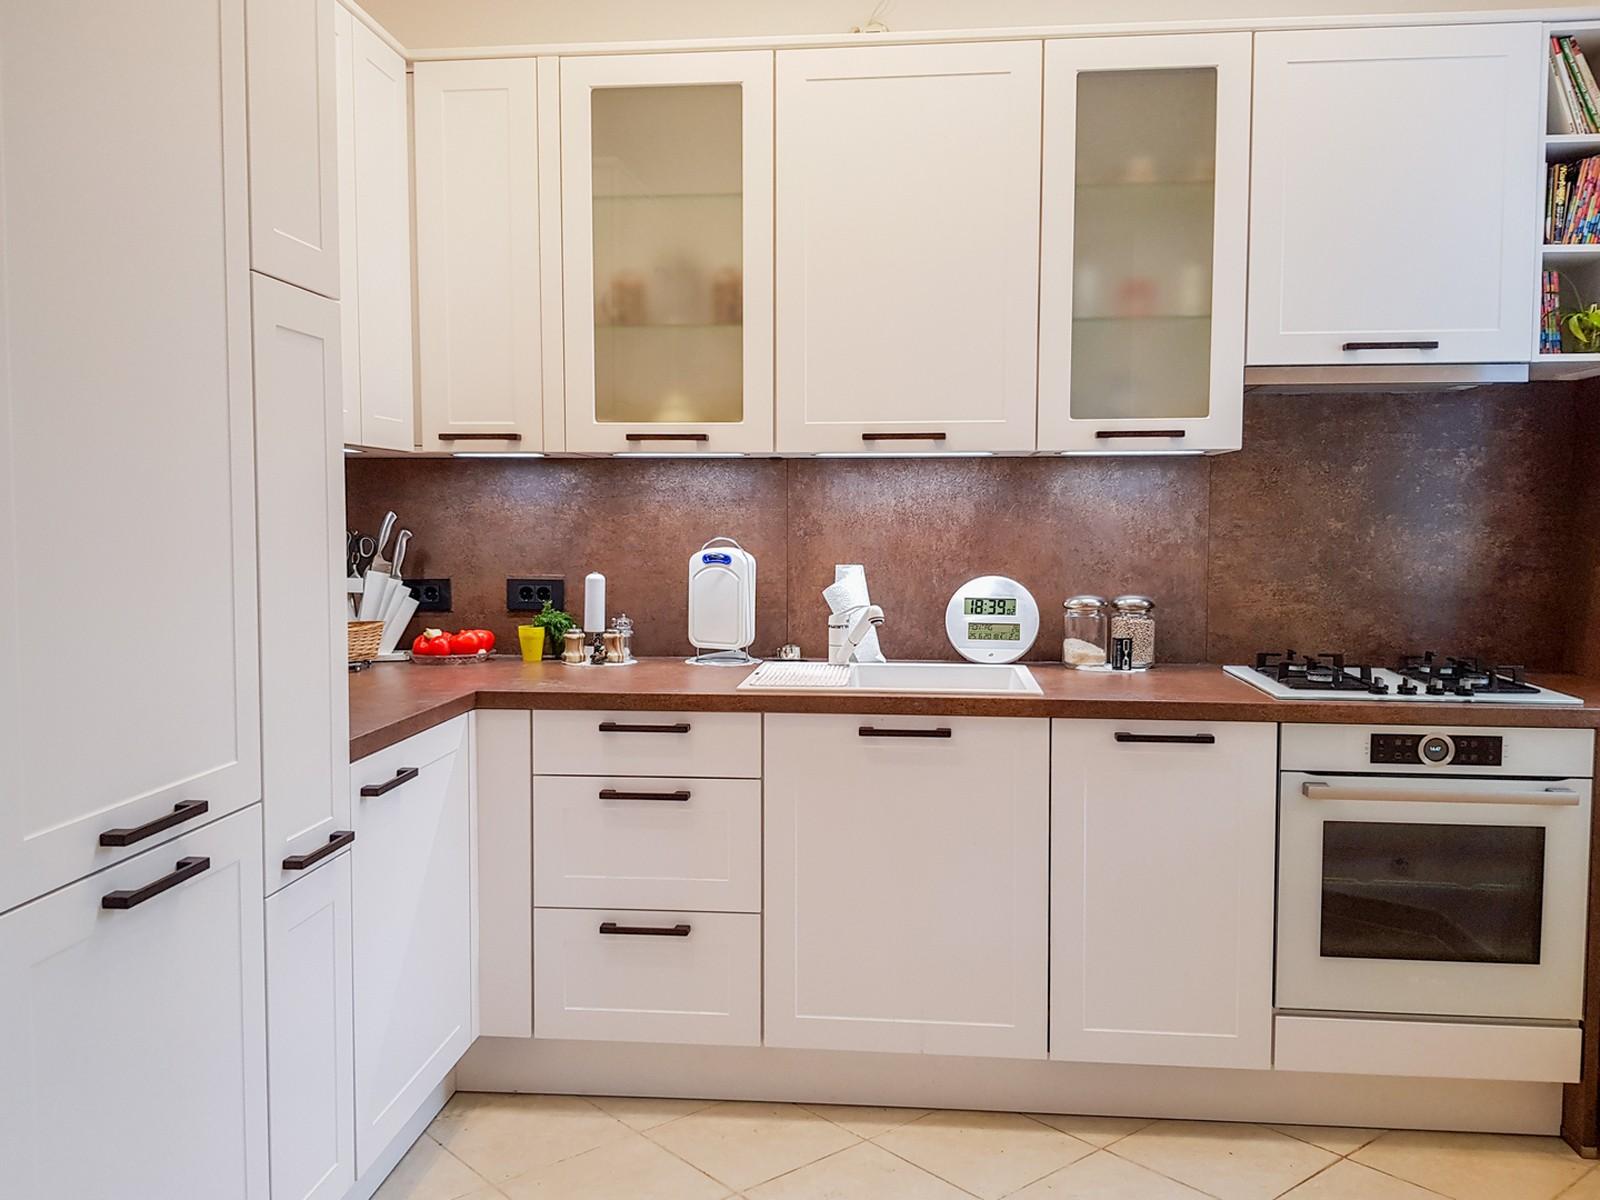 Referință - Bucătărie clasică Nobilia Credo - Alb alpin / Ferro bronze